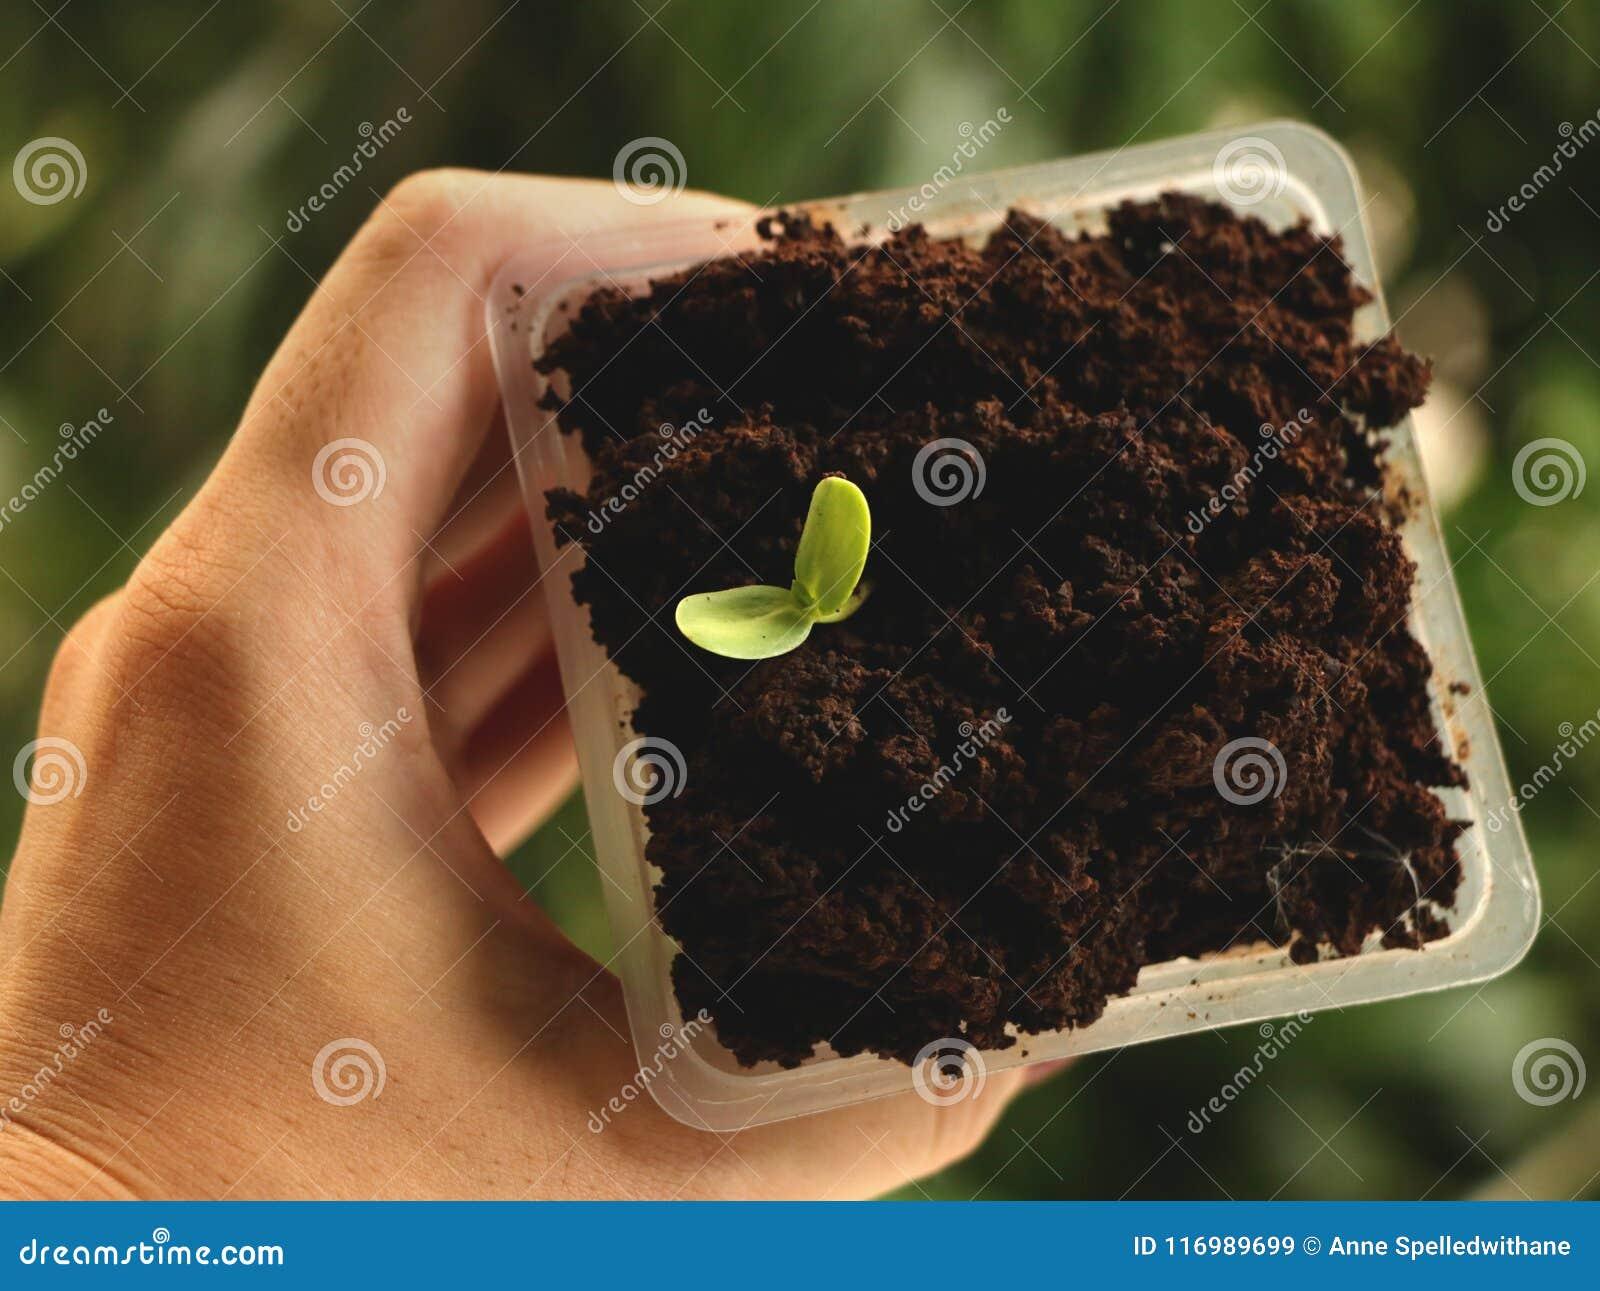 Θηλυκό τετραγωνικό πλαστικό φλυτζάνι εκμετάλλευσης χεριών της ανάπτυξης σπόρου στον καφέ - φυσικό πράσινο υπόβαθρο